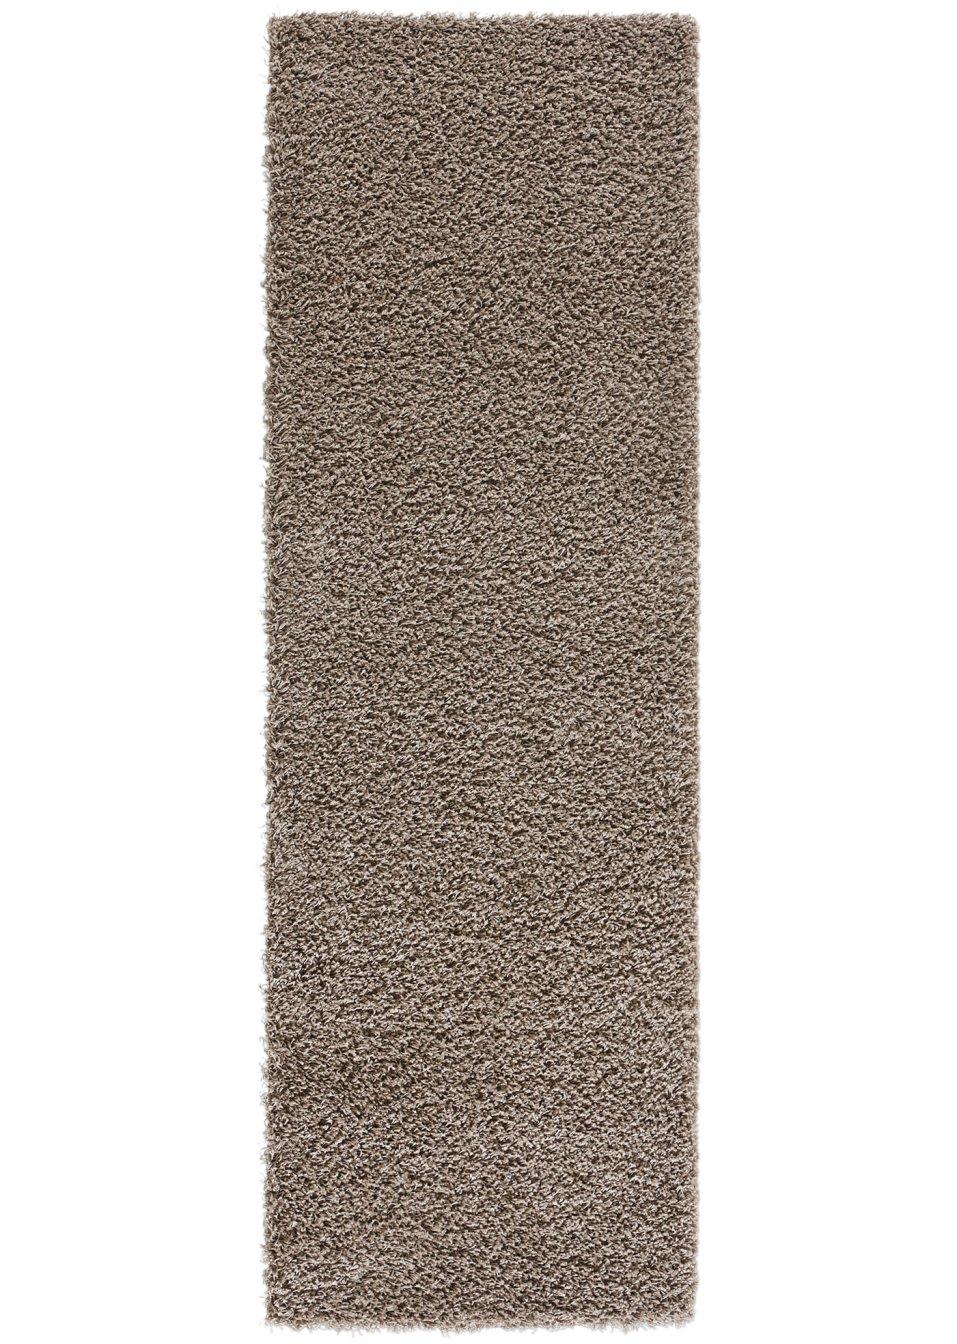 Läufer teppich  Teppiche | Entdecken Sie Ihren neuen Teppich | bonprix